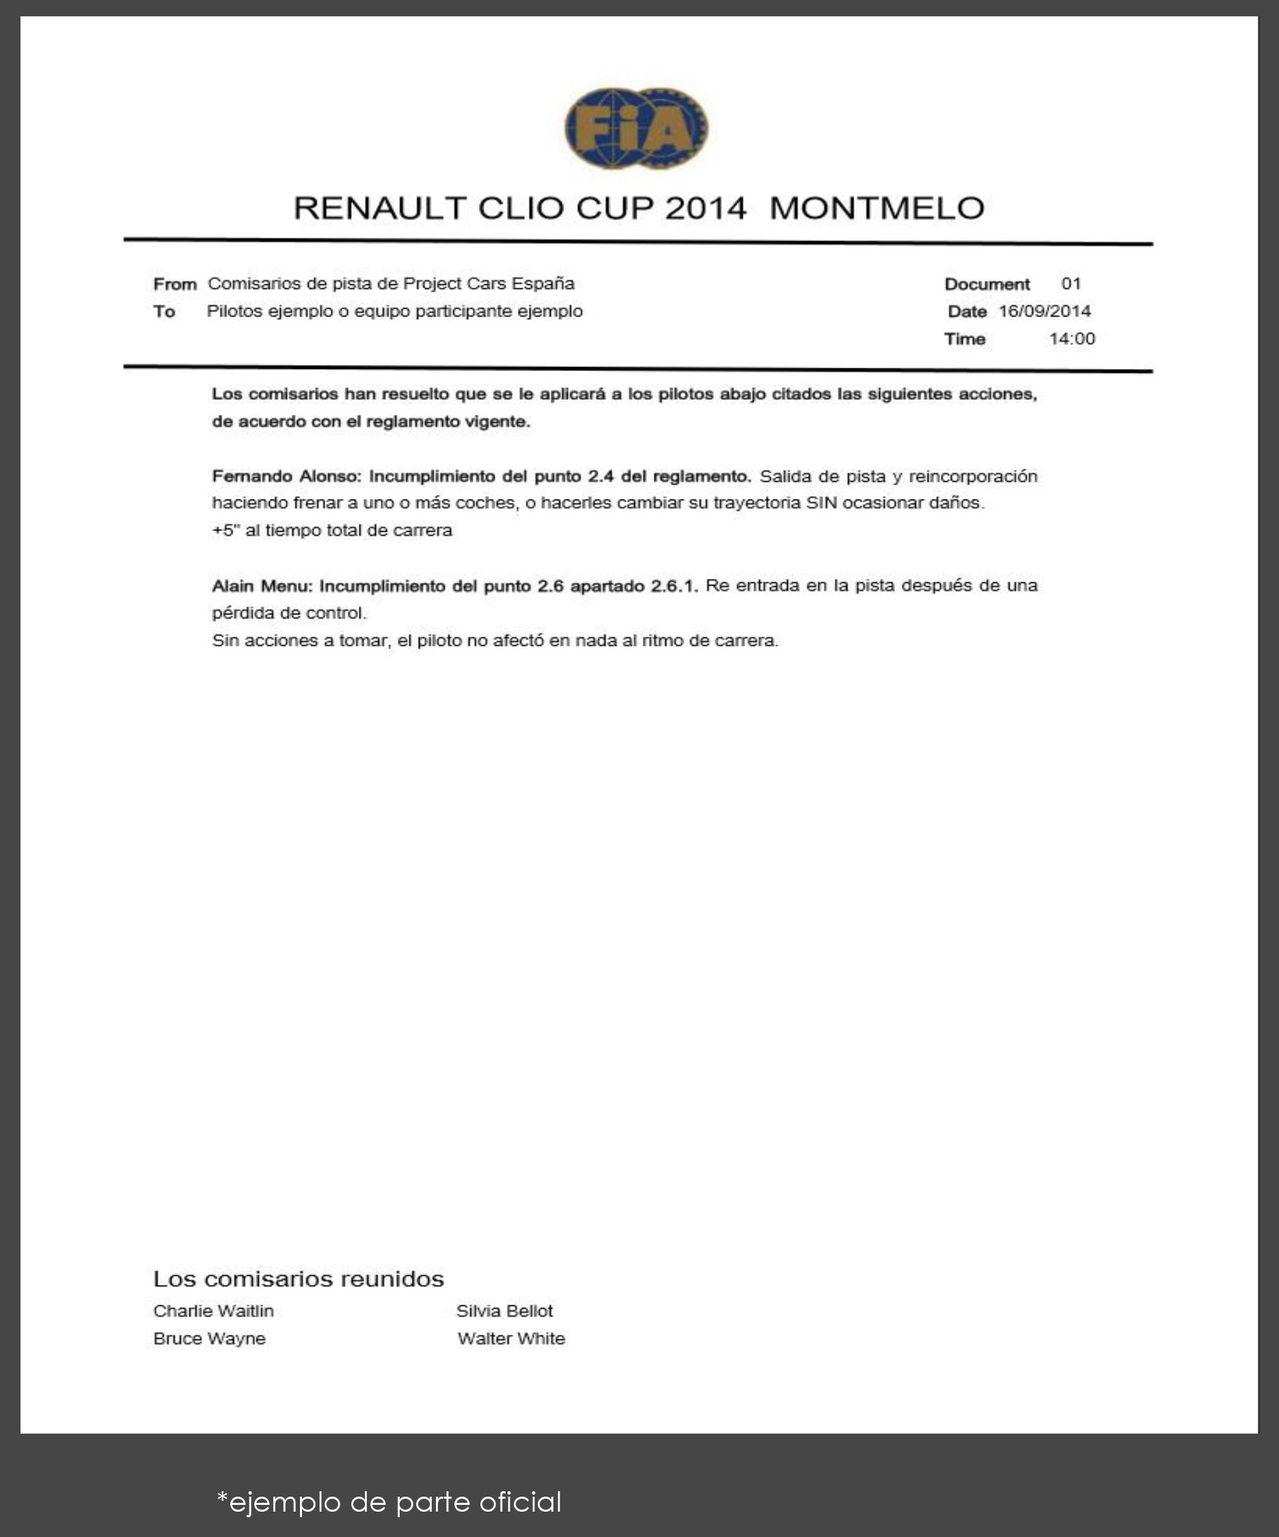 Reglamentación 2015 Image